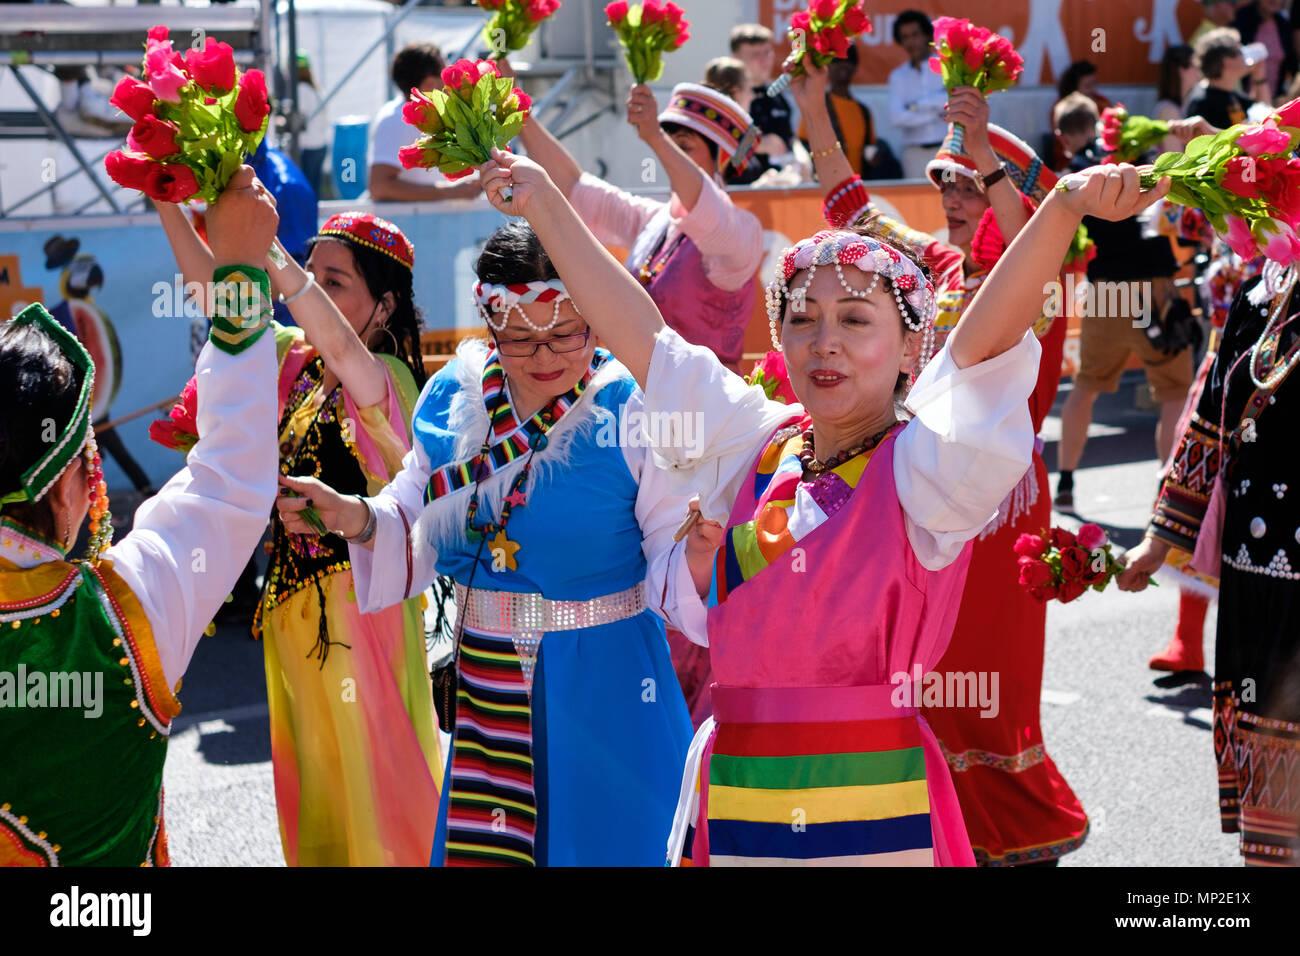 Berlin, Allemagne - mai 20, les gens célébrant: Karneval der Kulturen (Carnaval des cultures) à Berlin, Allemagne Banque D'Images